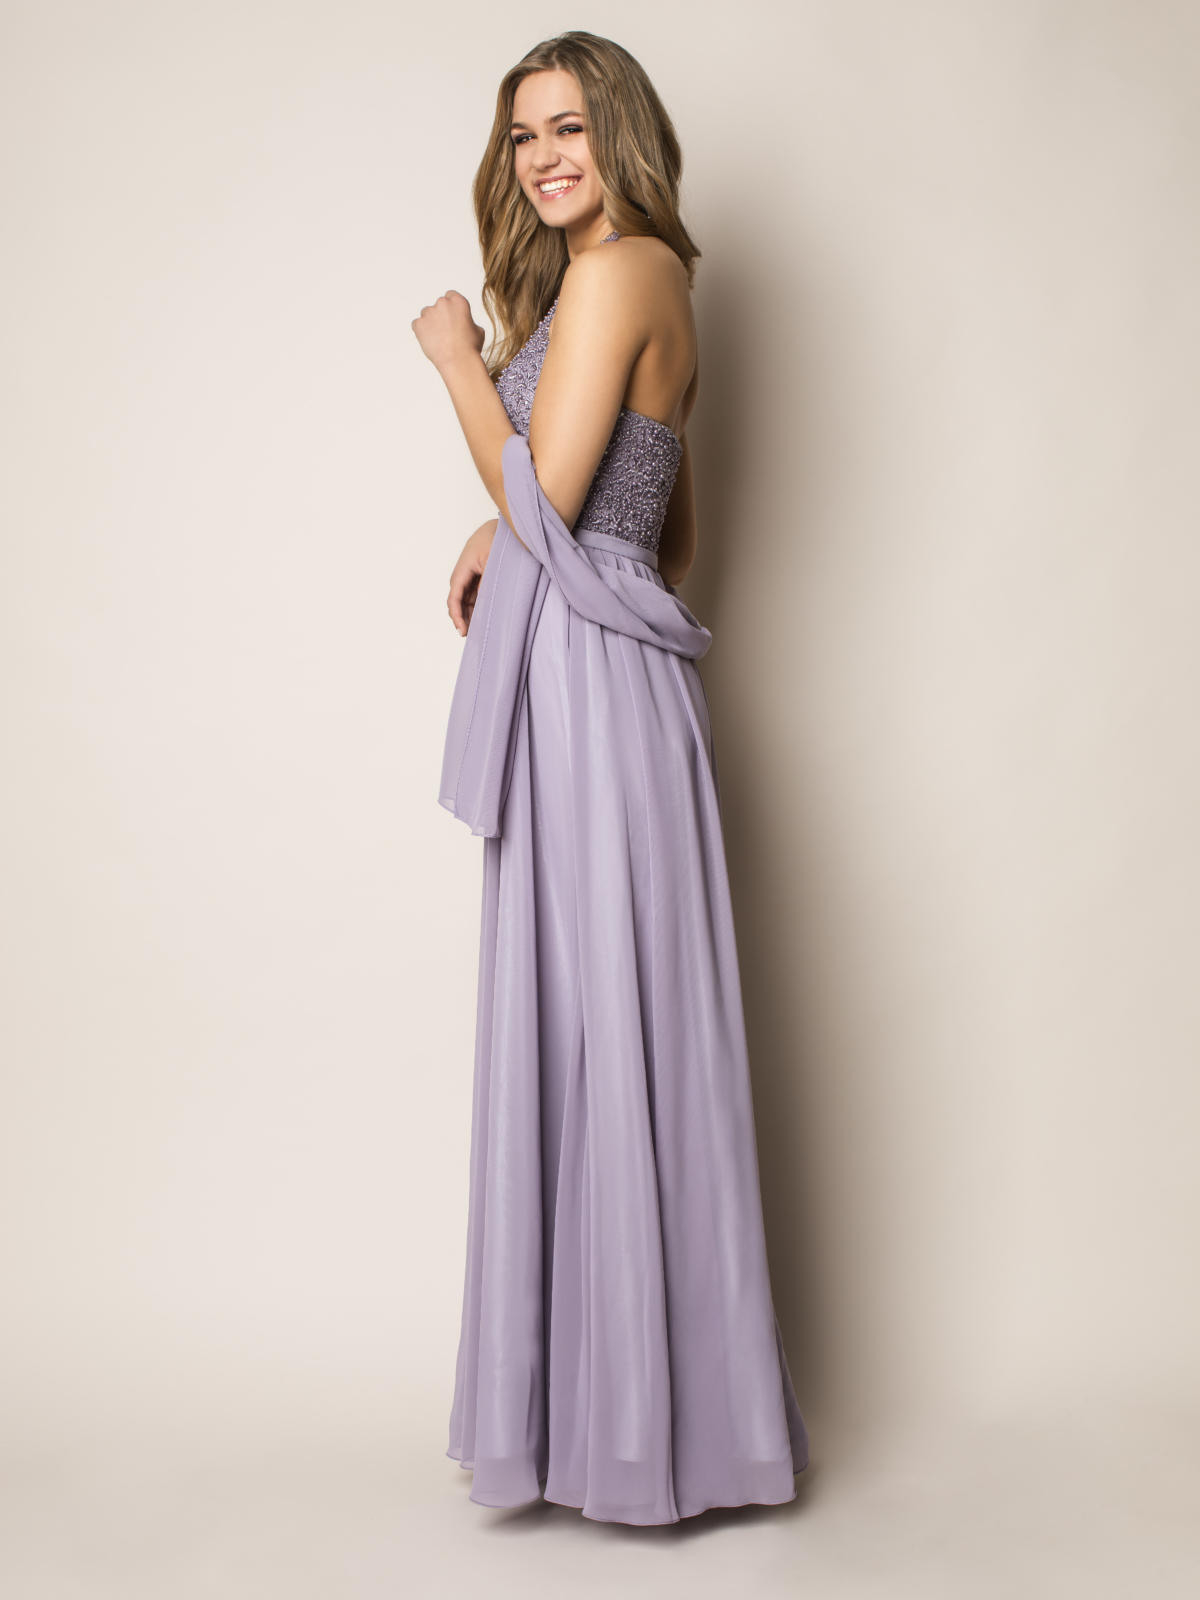 13 Schön Abendkleid Perlen Design15 Wunderbar Abendkleid Perlen Stylish